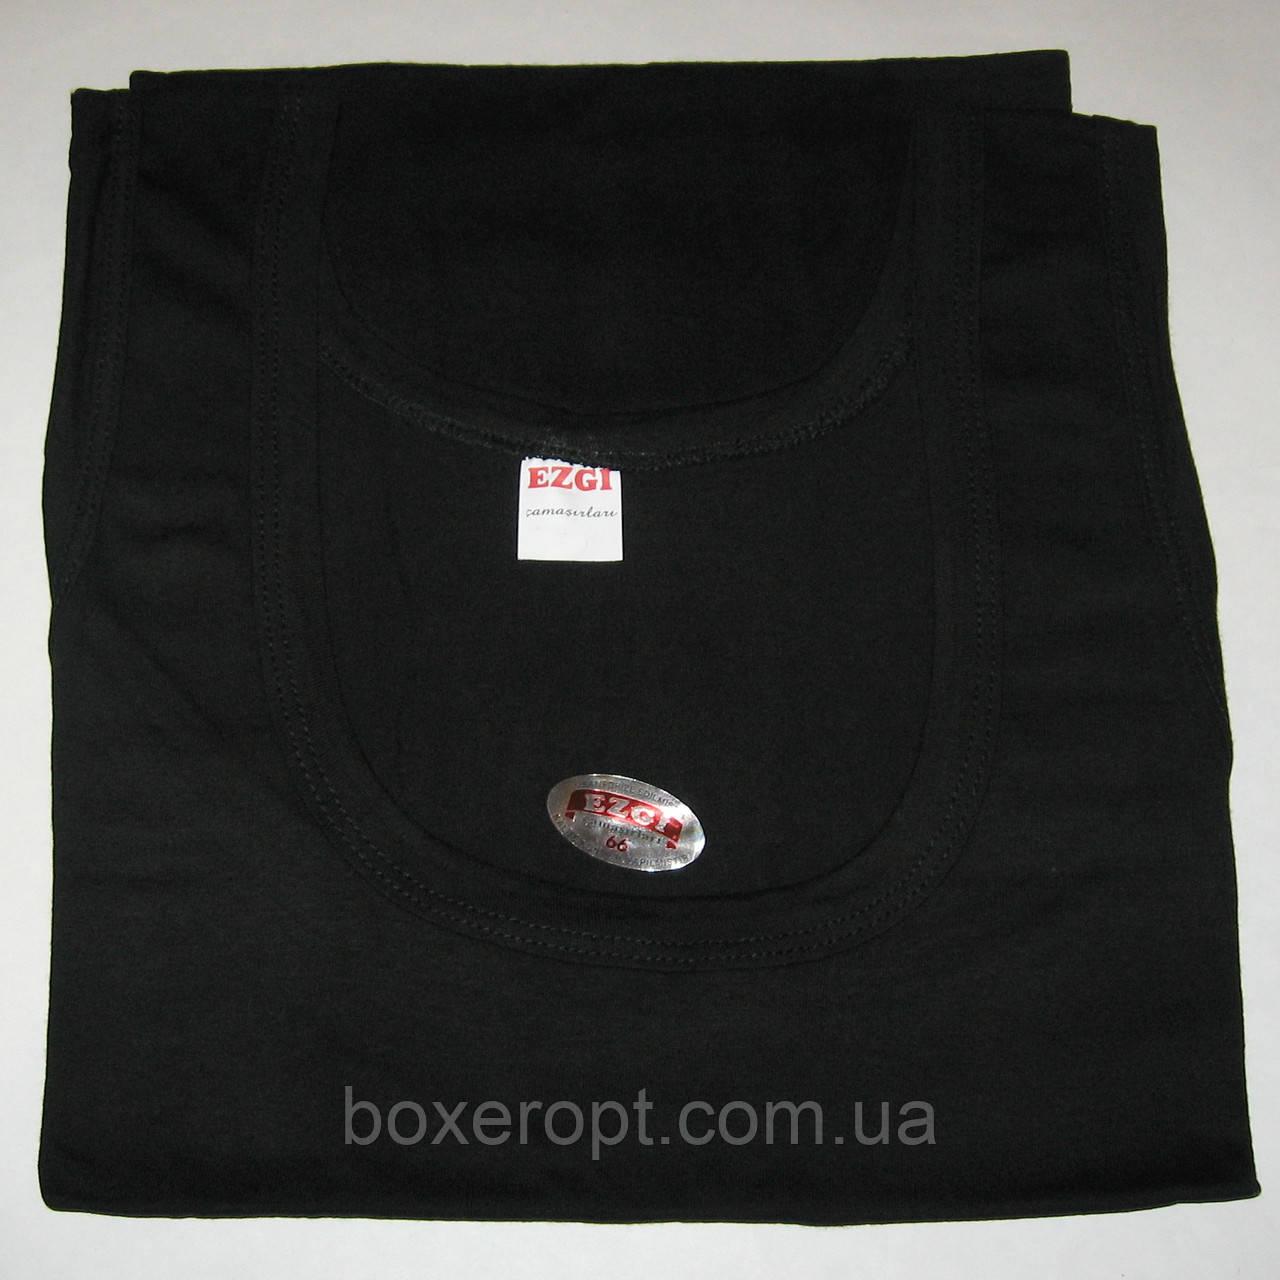 Мужские майки Ezgi - 31.00 грн./шт. (54-й размер, черные)